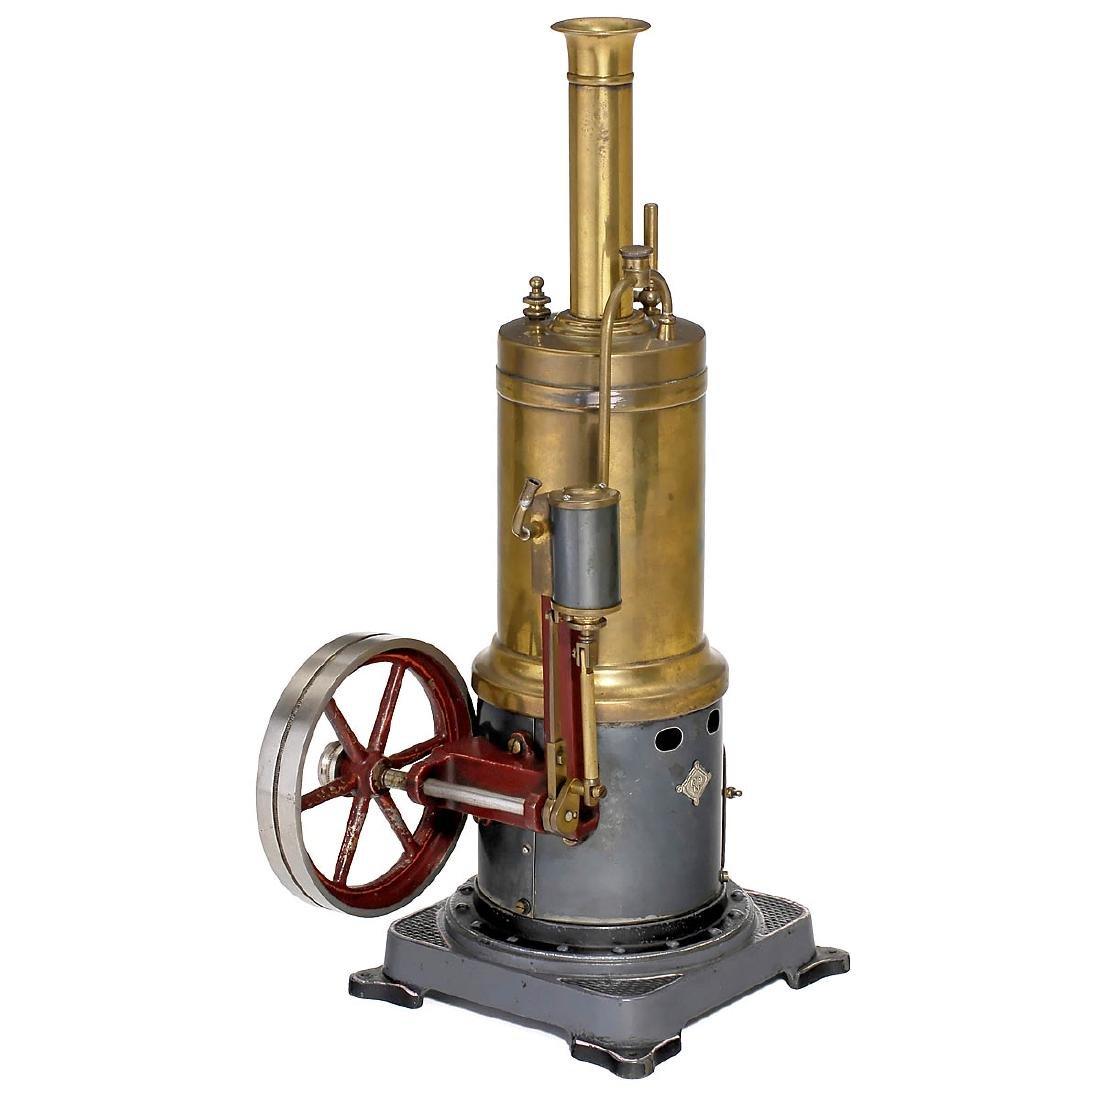 Bing Vertical Steam Engine No. 130/332, c. 1912